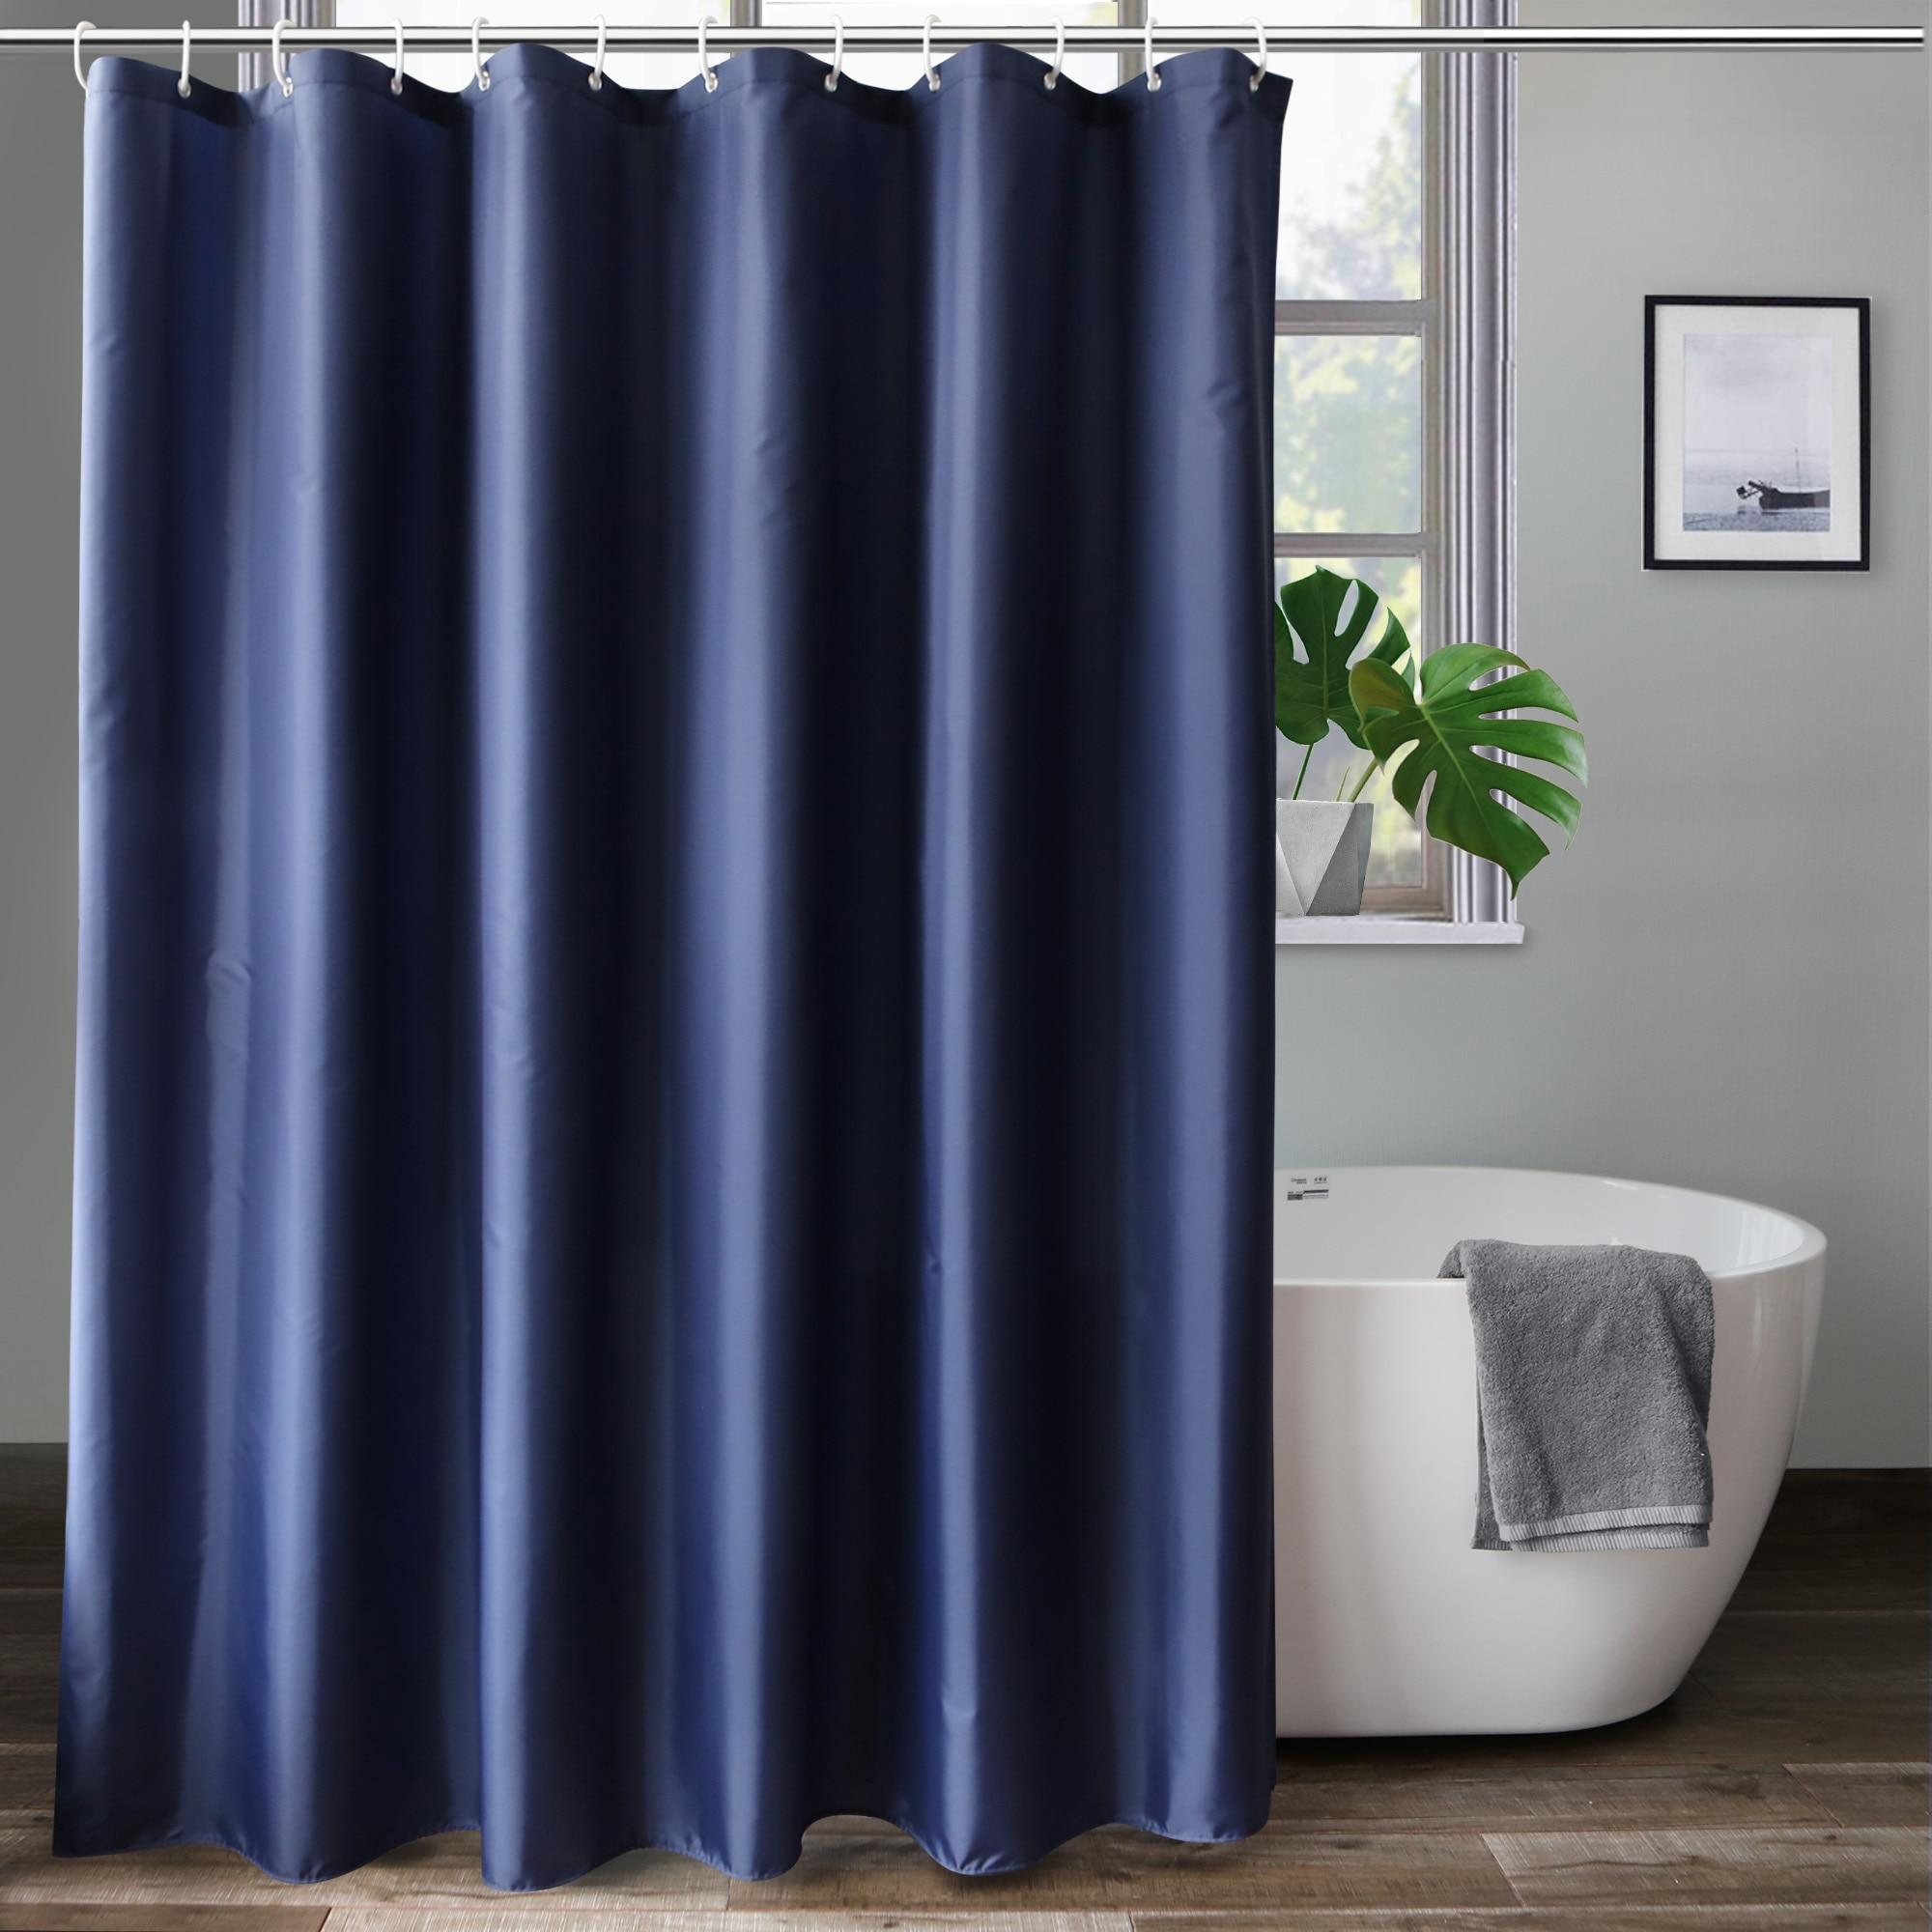 Ufriday clássico azul marinho cortina de chuveiro durável tecido poliéster à prova dfabric água cor sólida banheiro cortina com ganchos estilo hotel